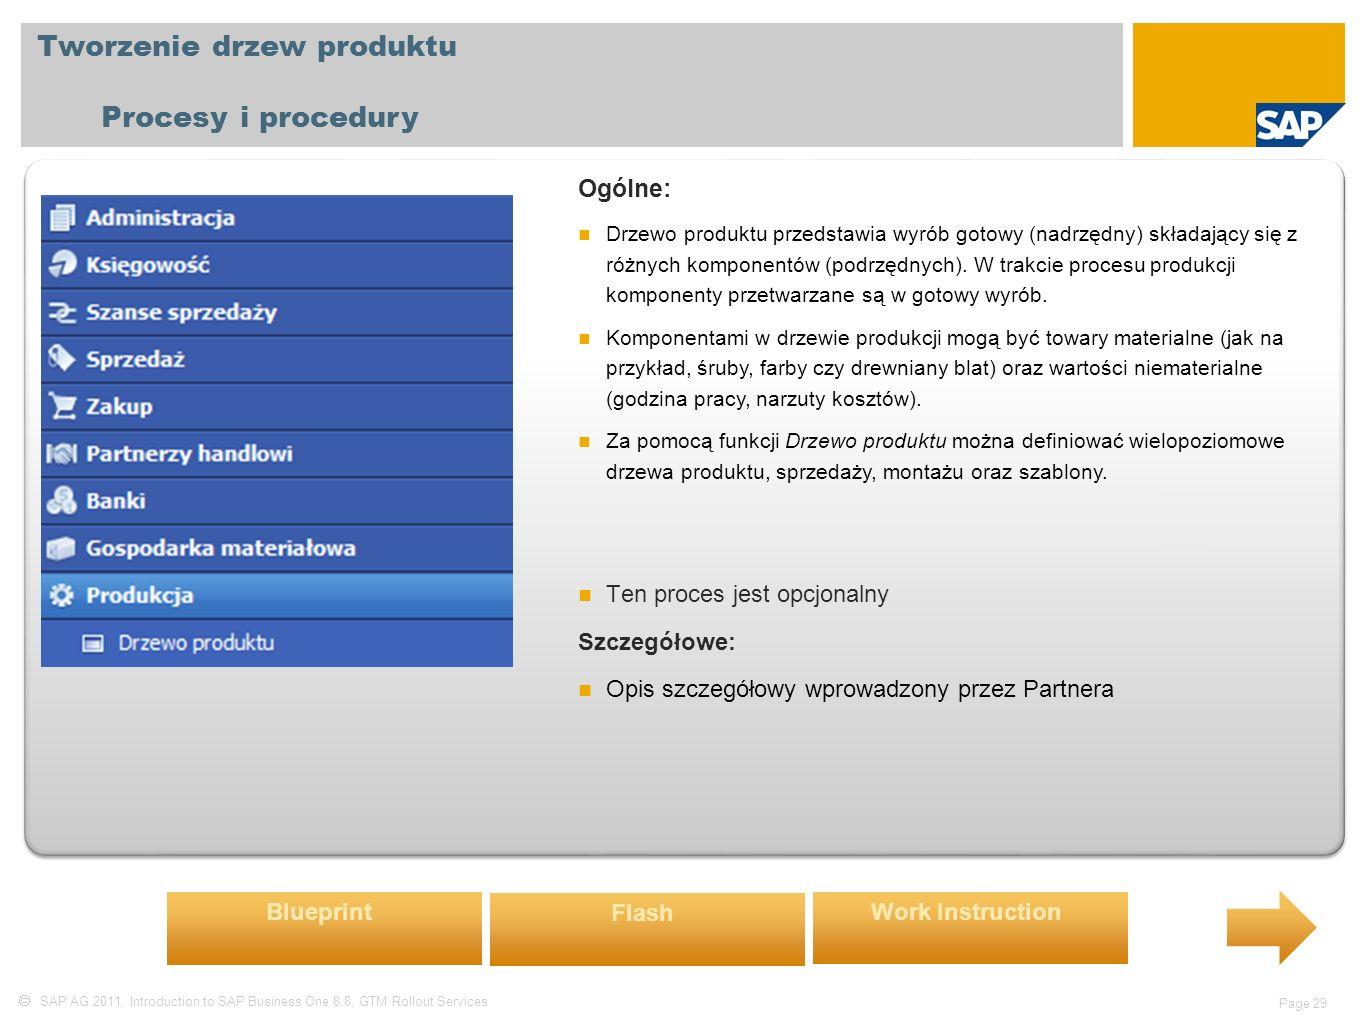  SAP AG 2011, Introduction to SAP Business One 8.8, GTM Rollout Services Page 29 Tworzenie drzew produktu Procesy i procedury Ogólne: Drzewo produktu przedstawia wyrób gotowy (nadrzędny) składający się z różnych komponentów (podrzędnych).